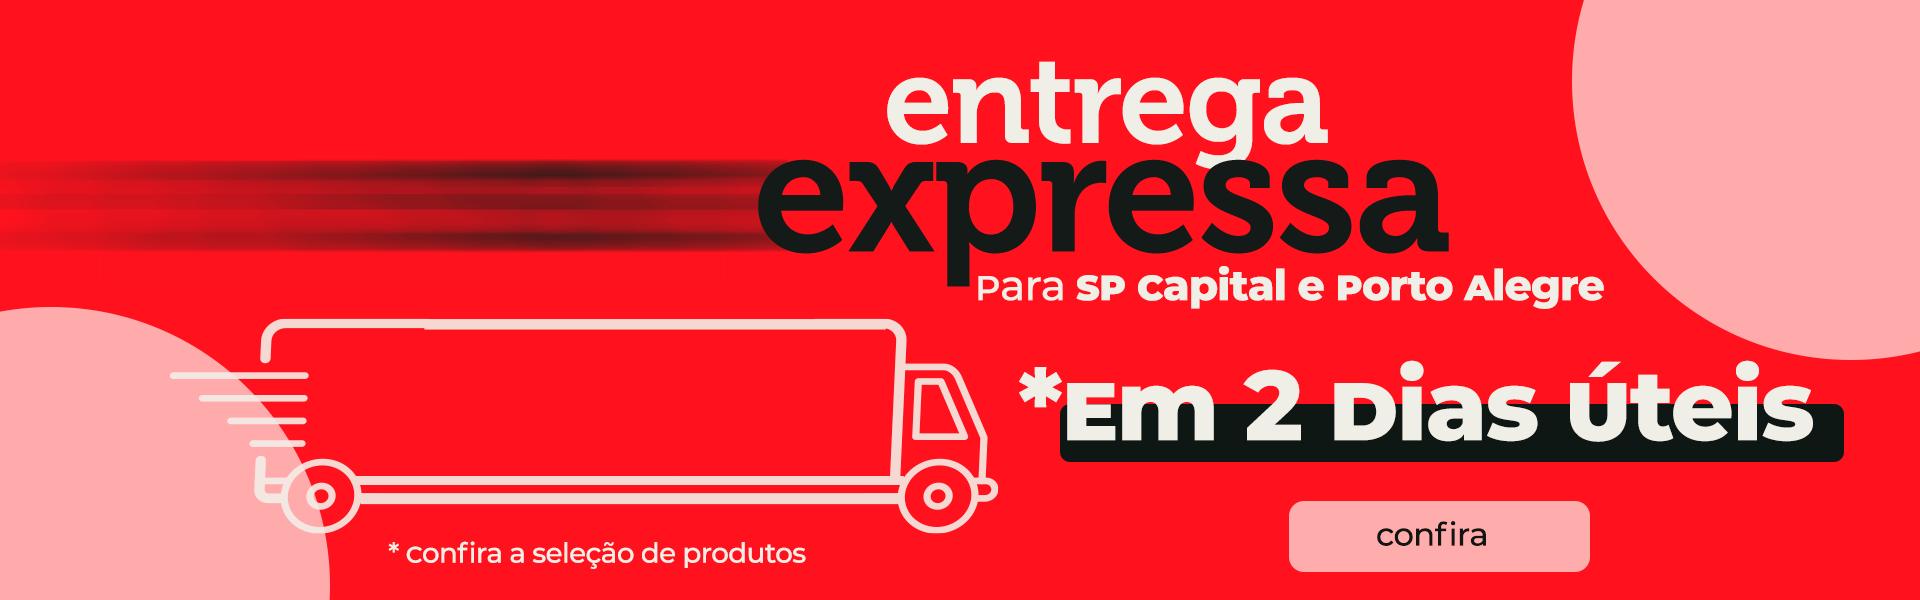 ENTREGA_EXPRESSA_POA_SP